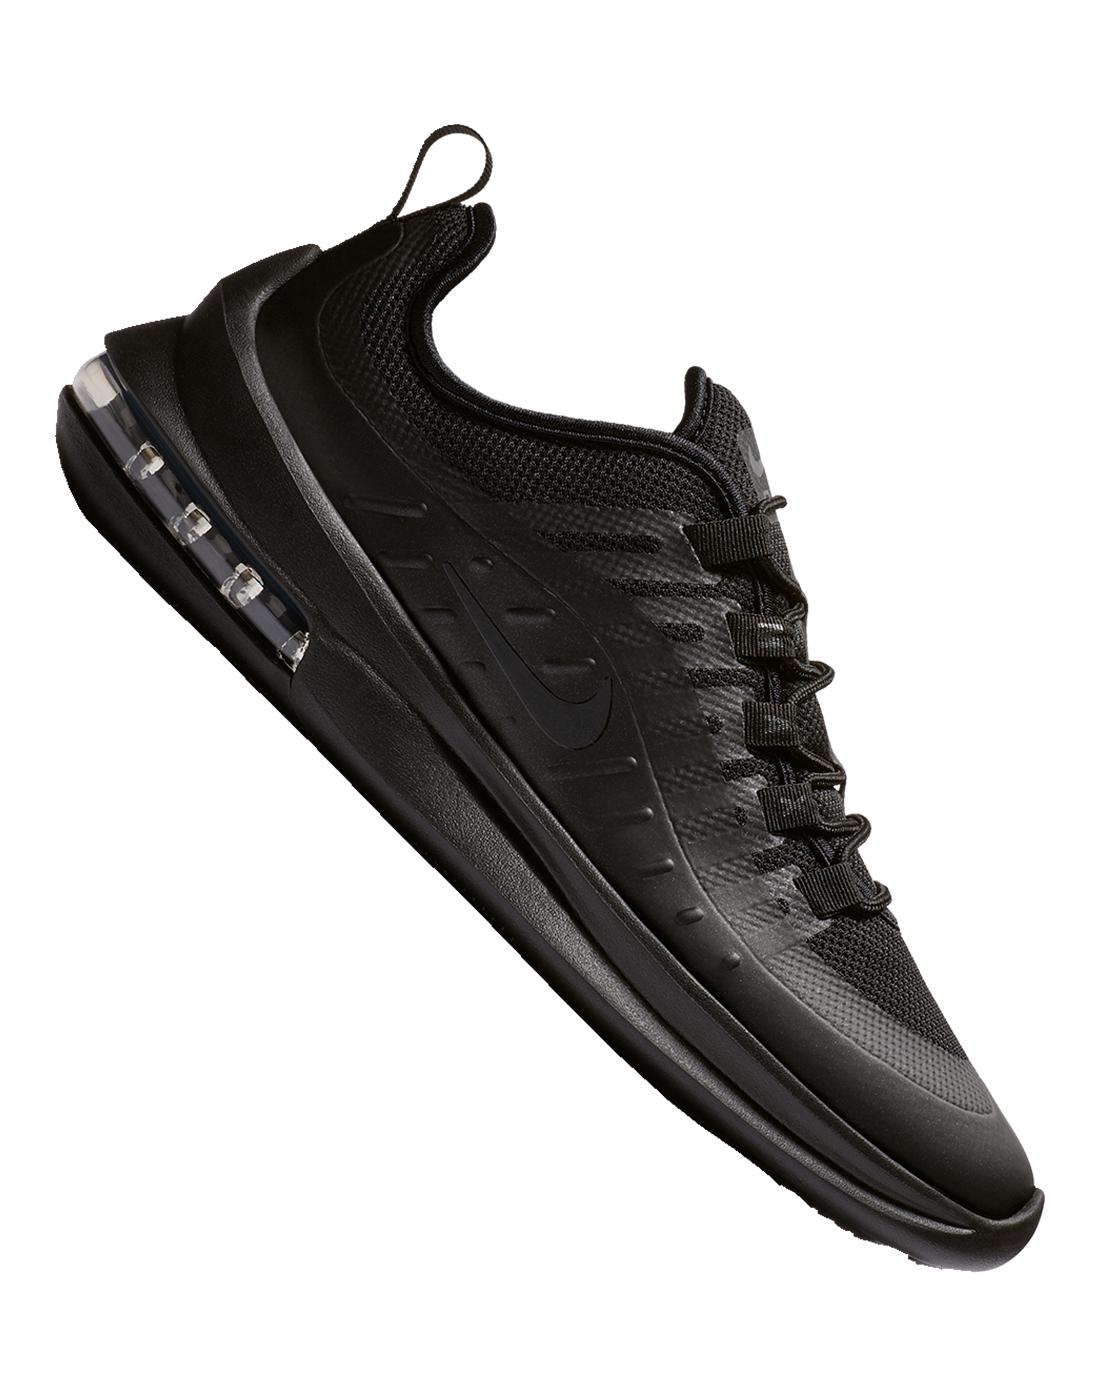 c0efea989c080 Nike Mens Air Max Axis